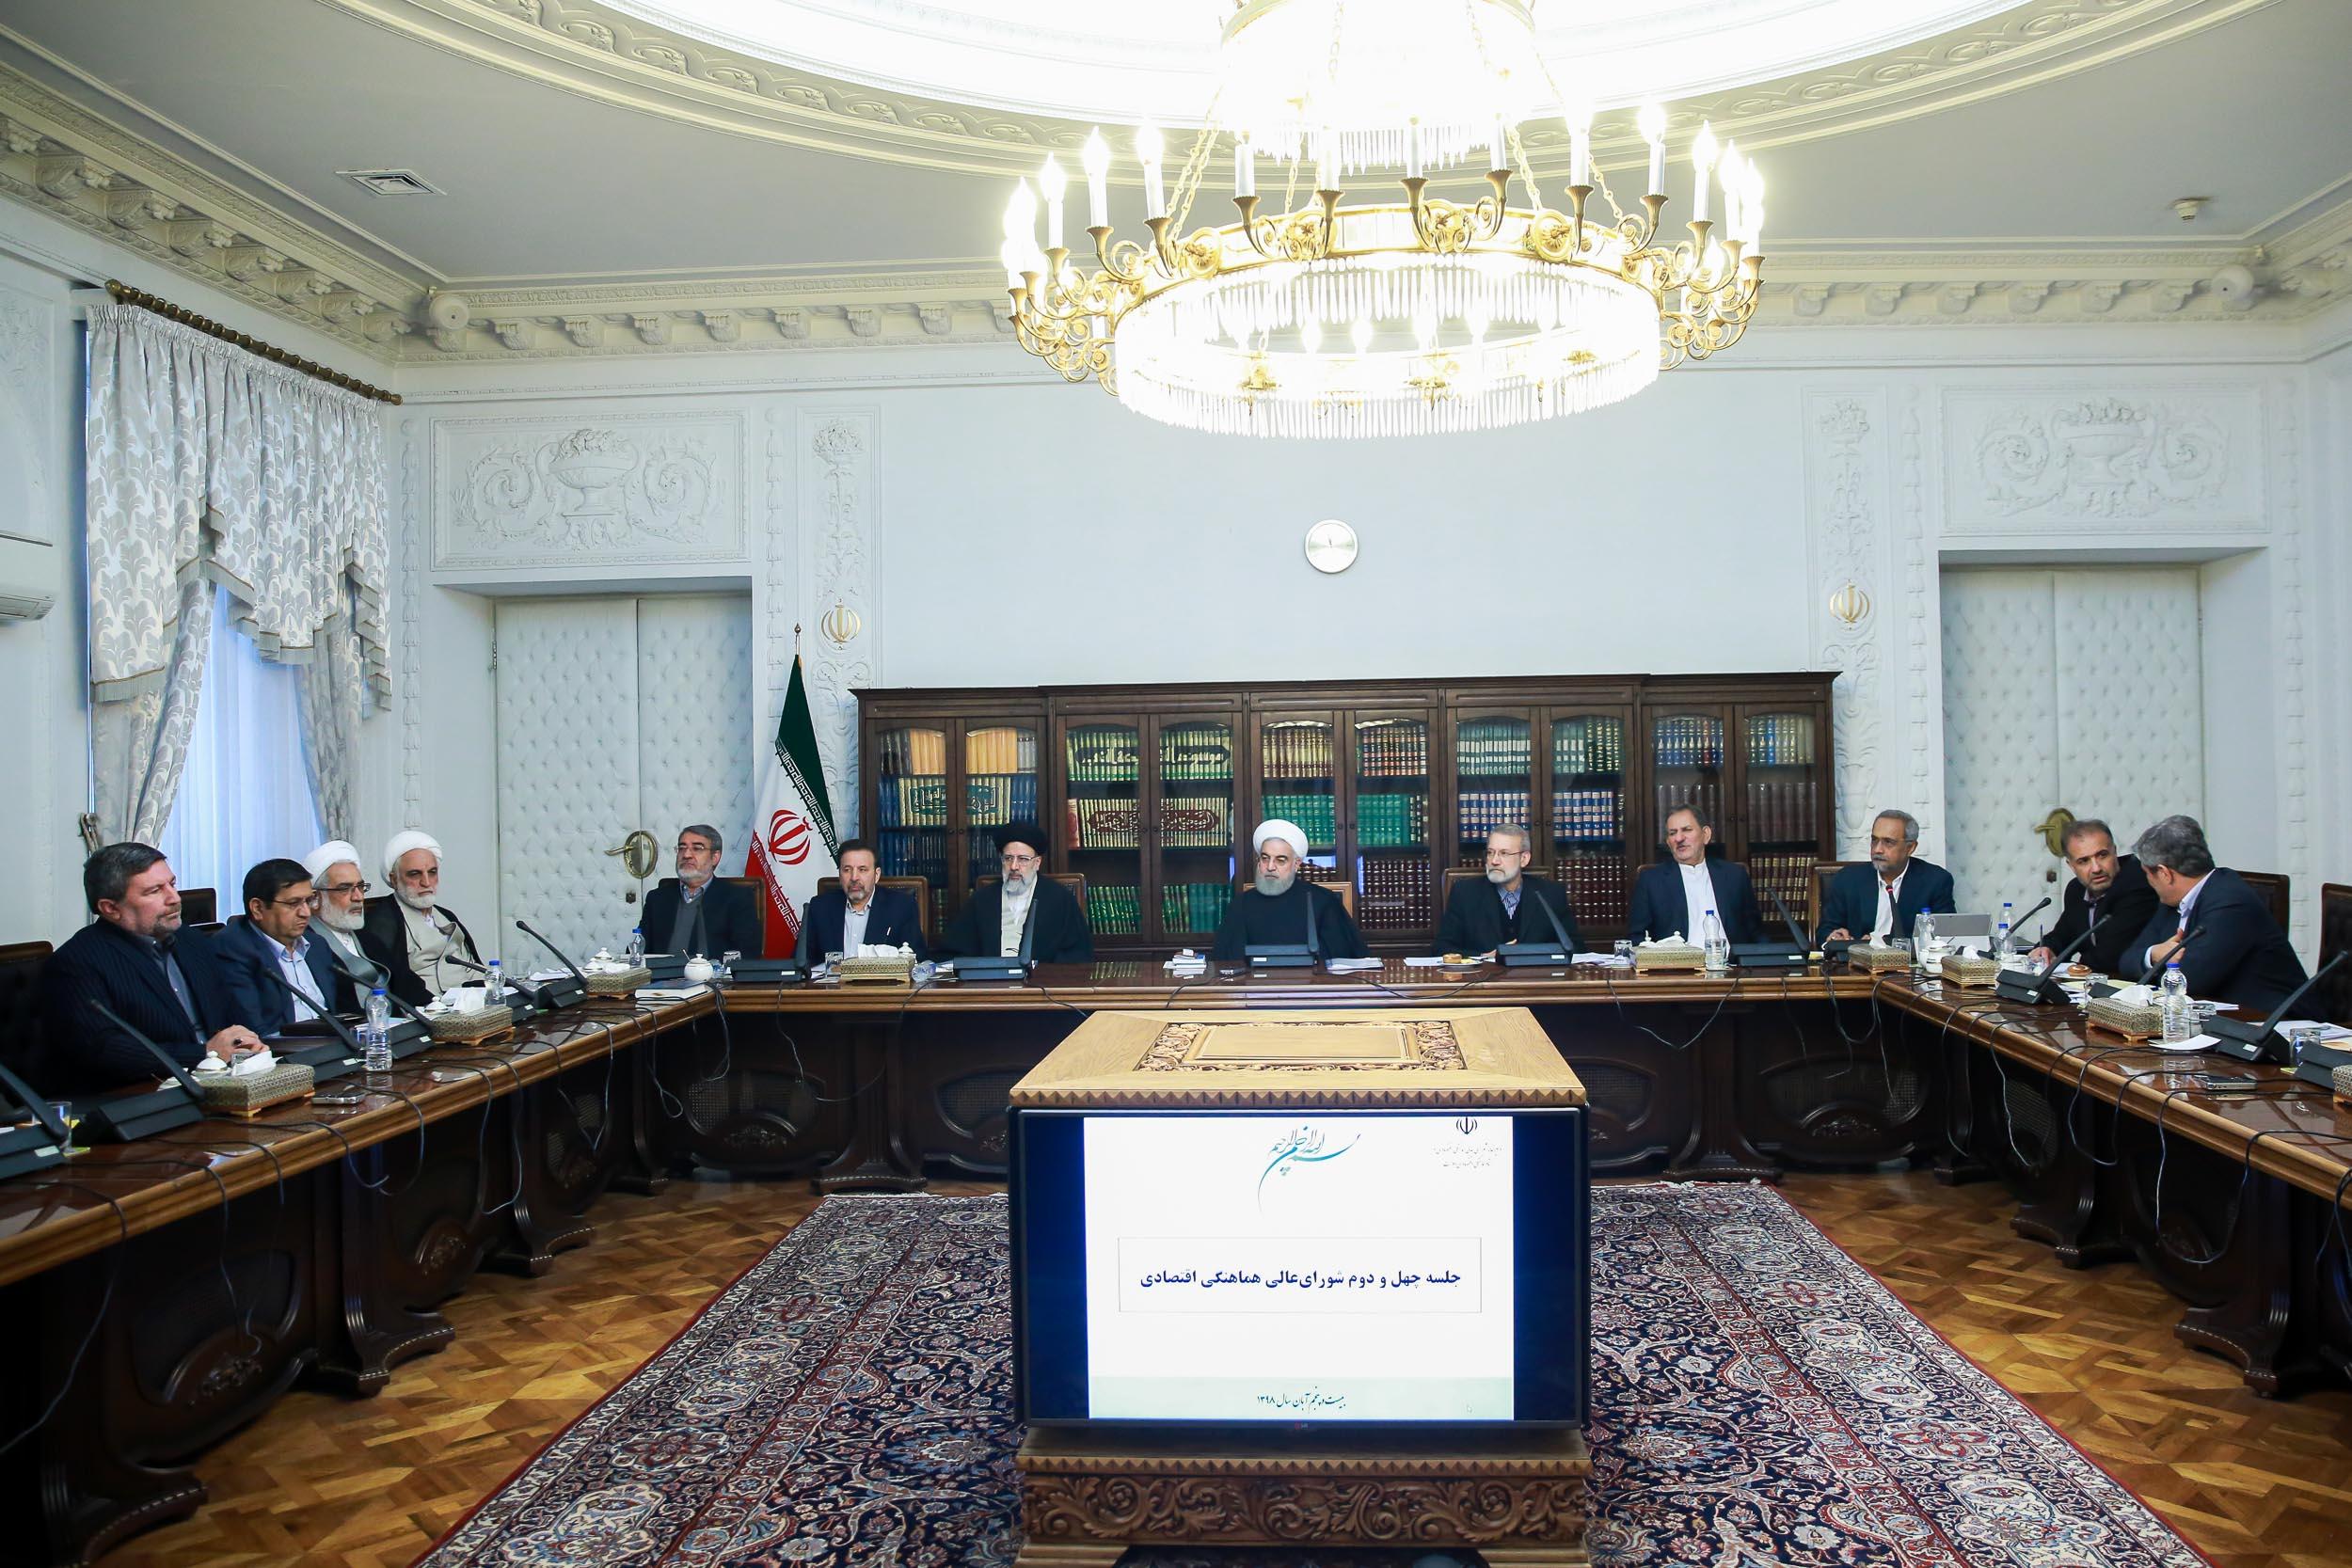 جلسه شورایعالی هماهنگی اقتصادی با حضور سران قوا + تصاویر